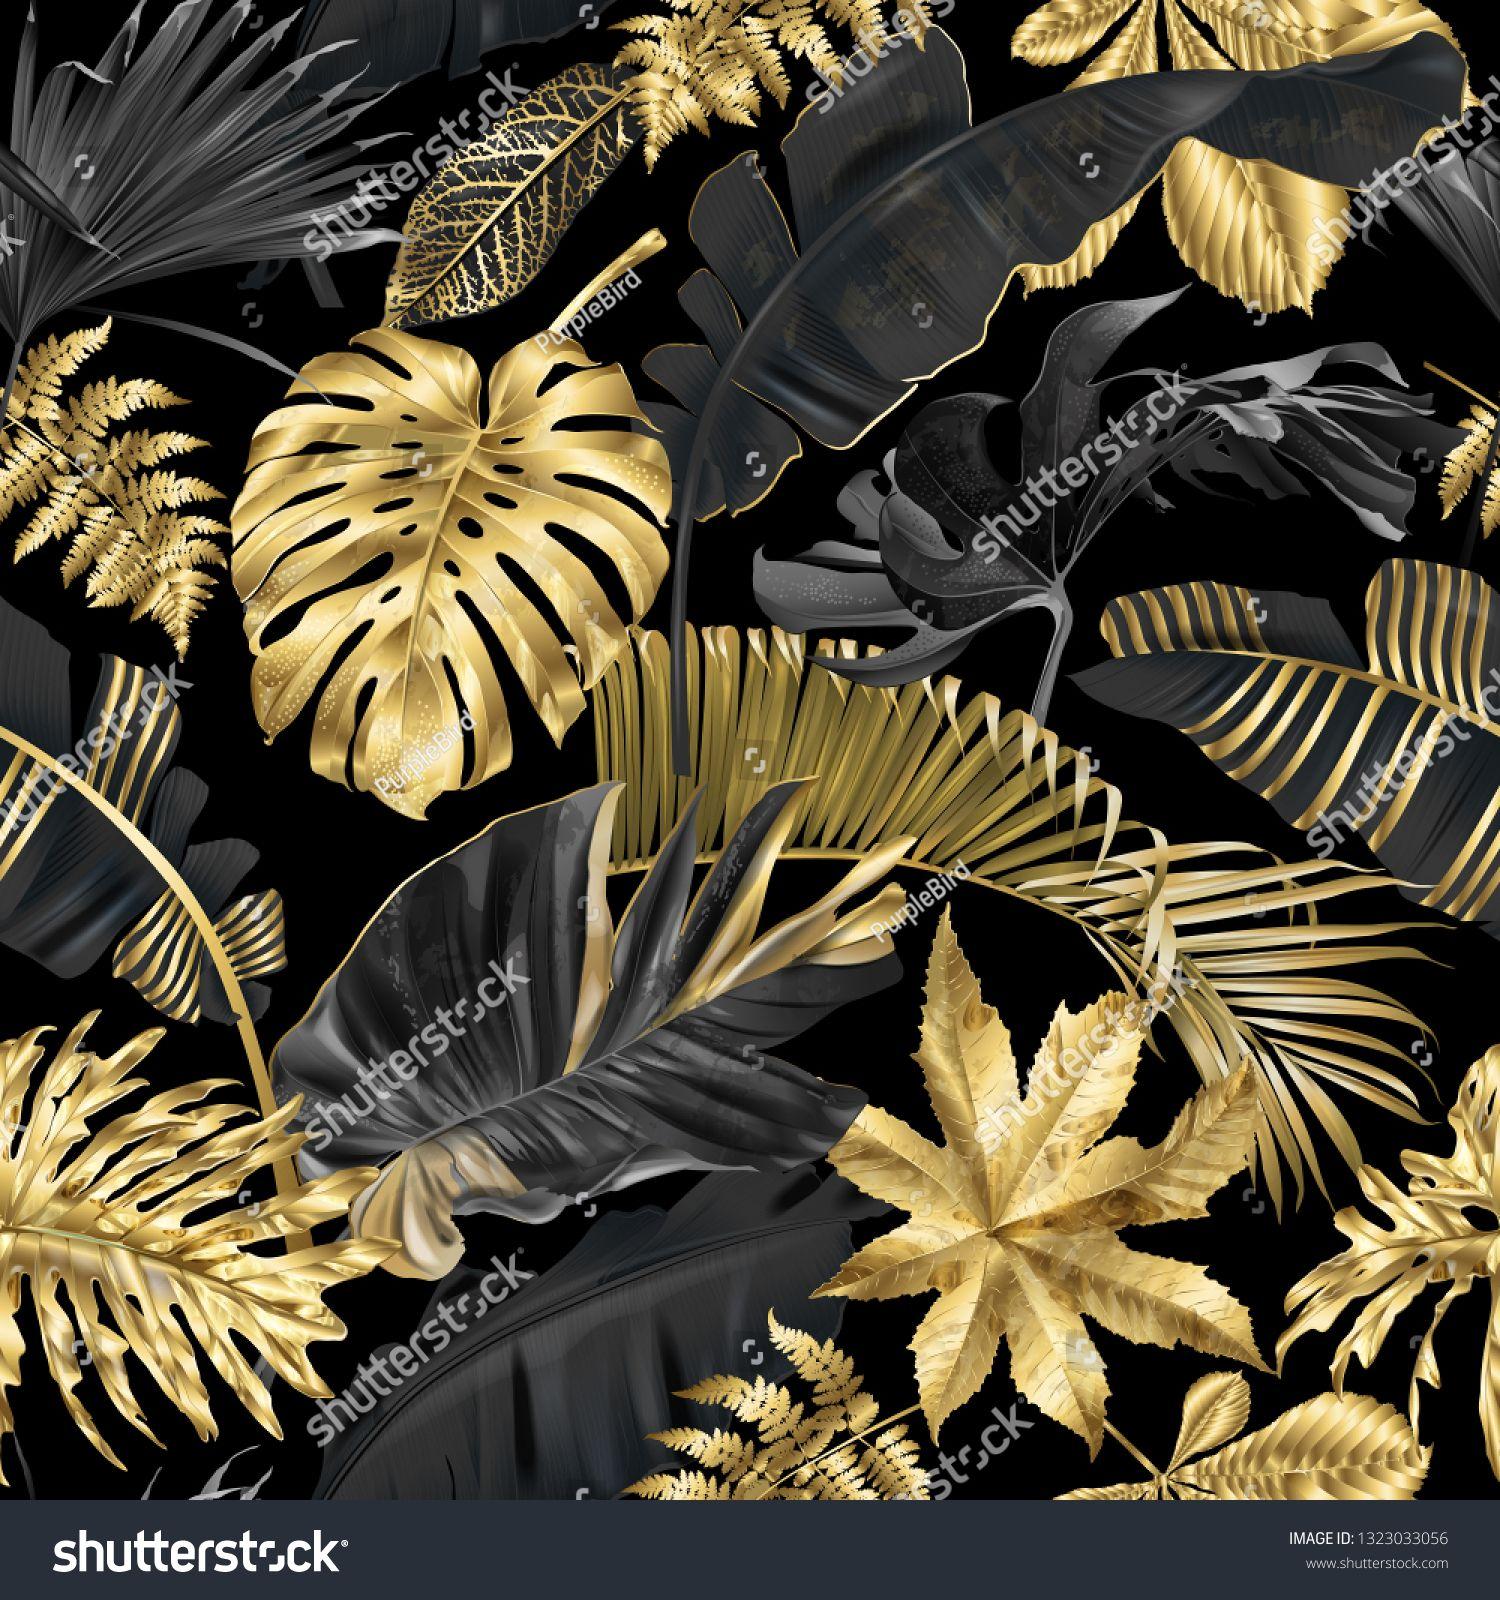 Peel And Stick Wallpaper Leaves Jungle Wallpaper Kids Etsy Jungle Wallpaper Jungle Wallpaper Kids Mural Wallpaper